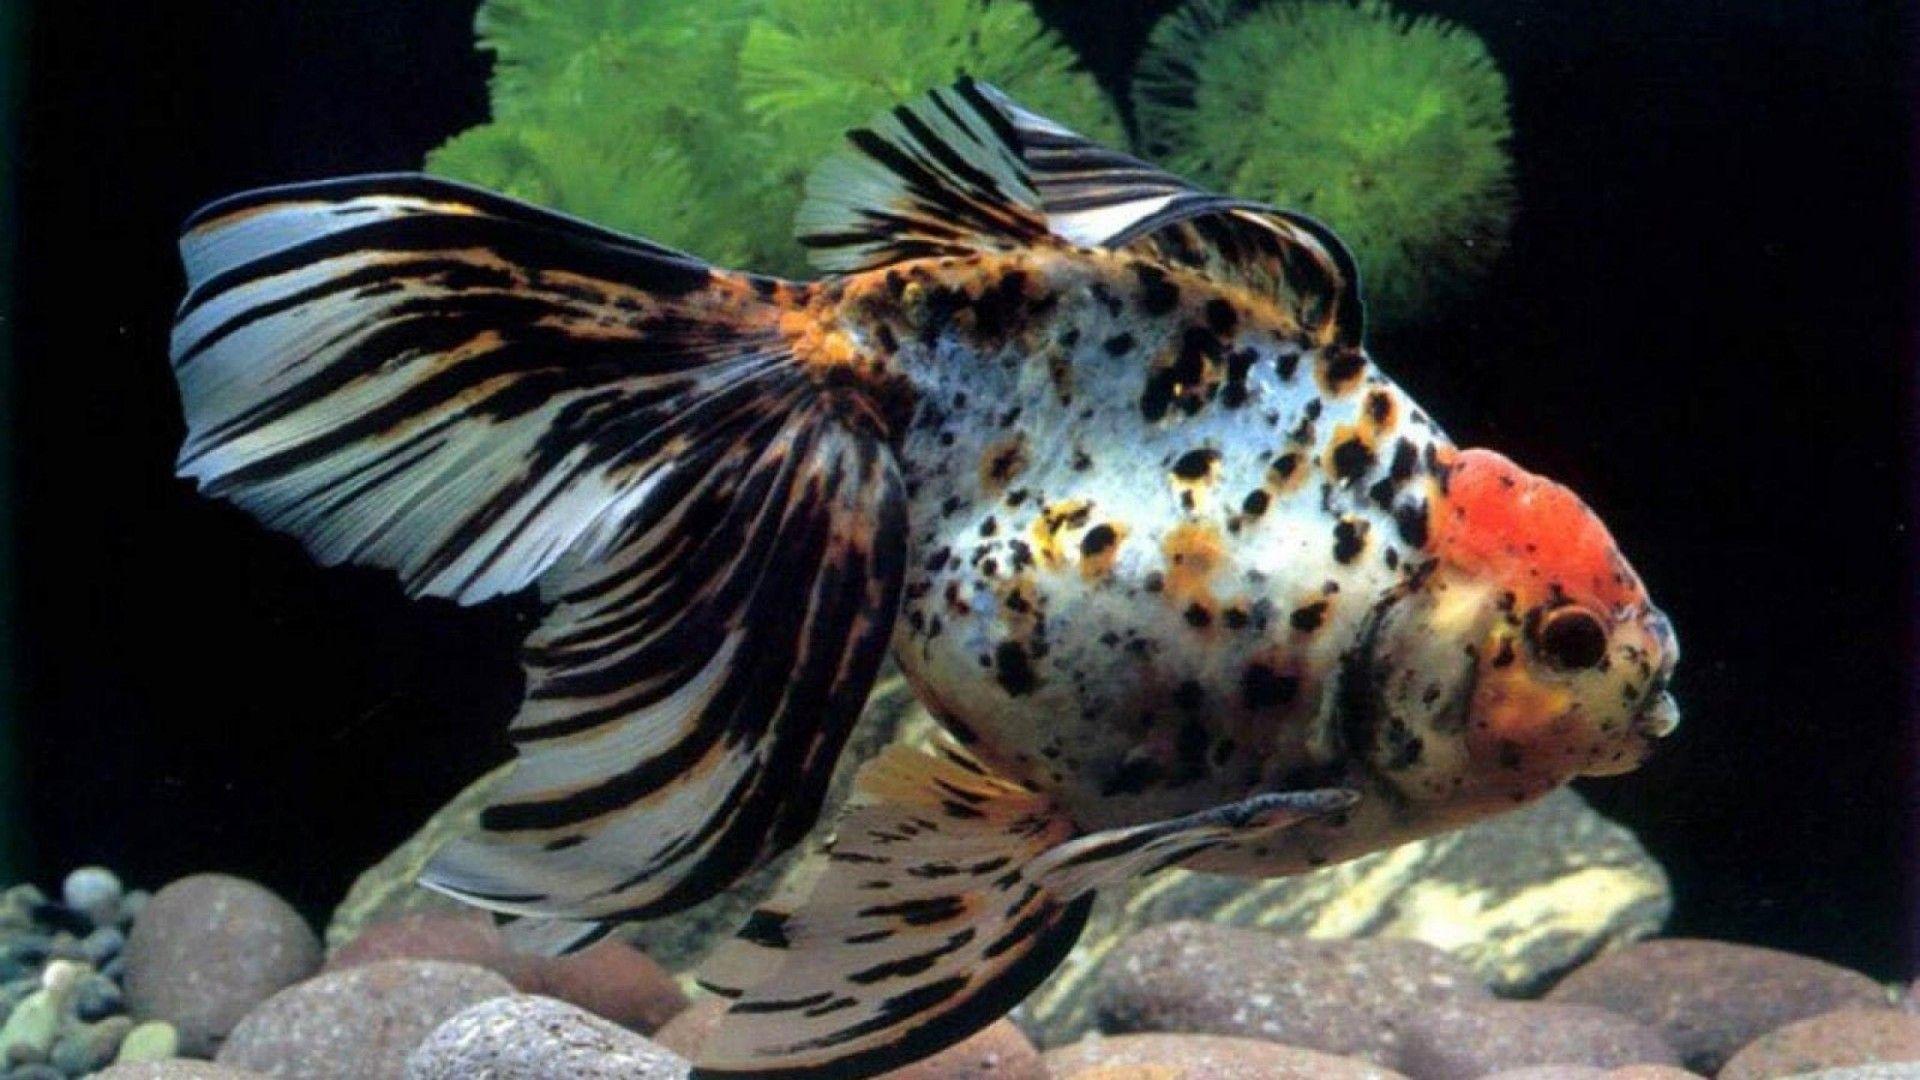 Amphilophus Sagittae Fish Hd Wallpapers For Download Aquarium Fish Fish Fish Tank